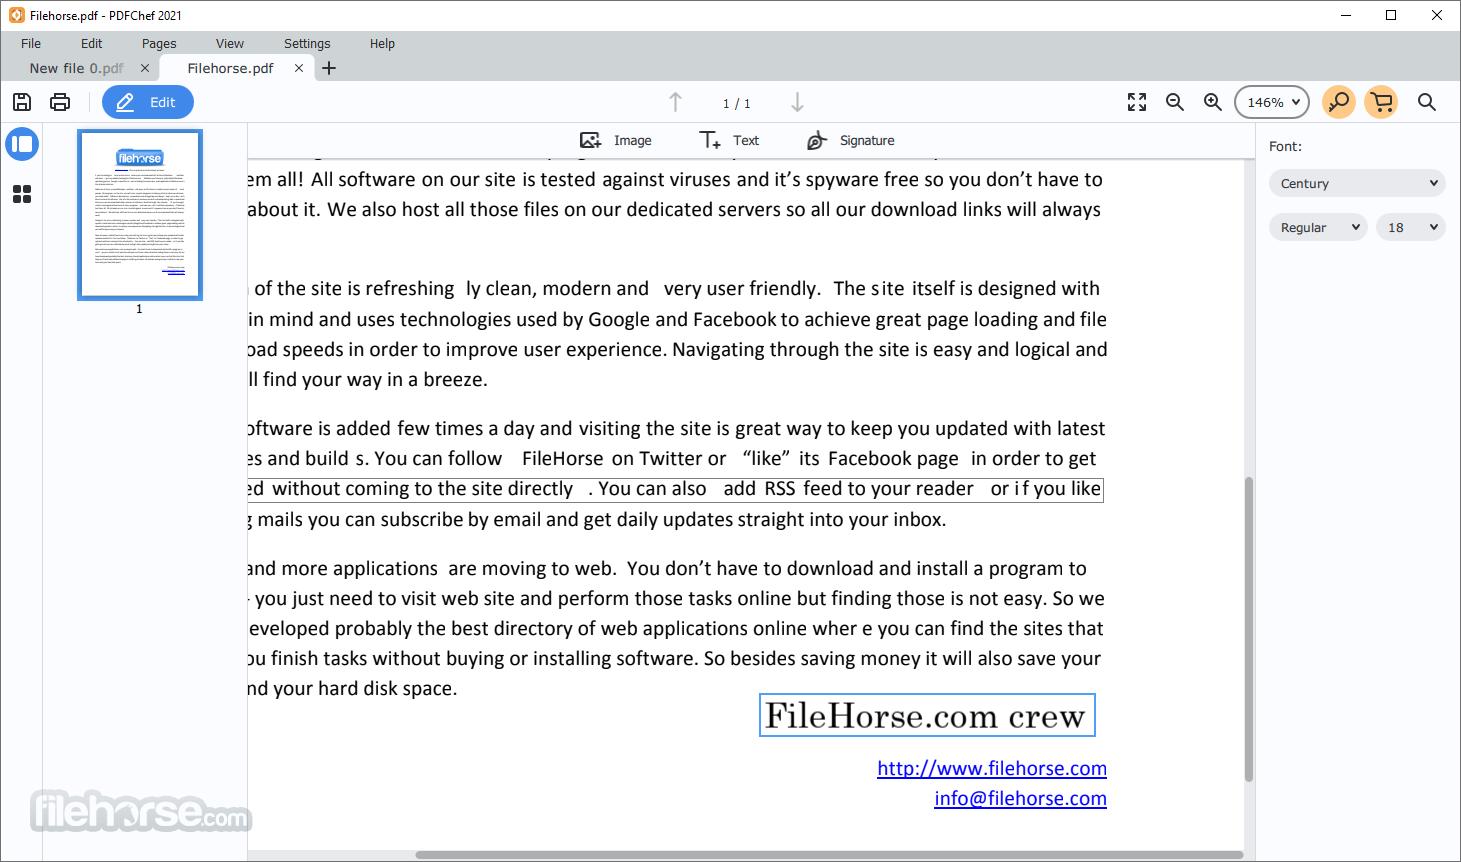 Movavi PDFChef 21.4 Screenshot 3